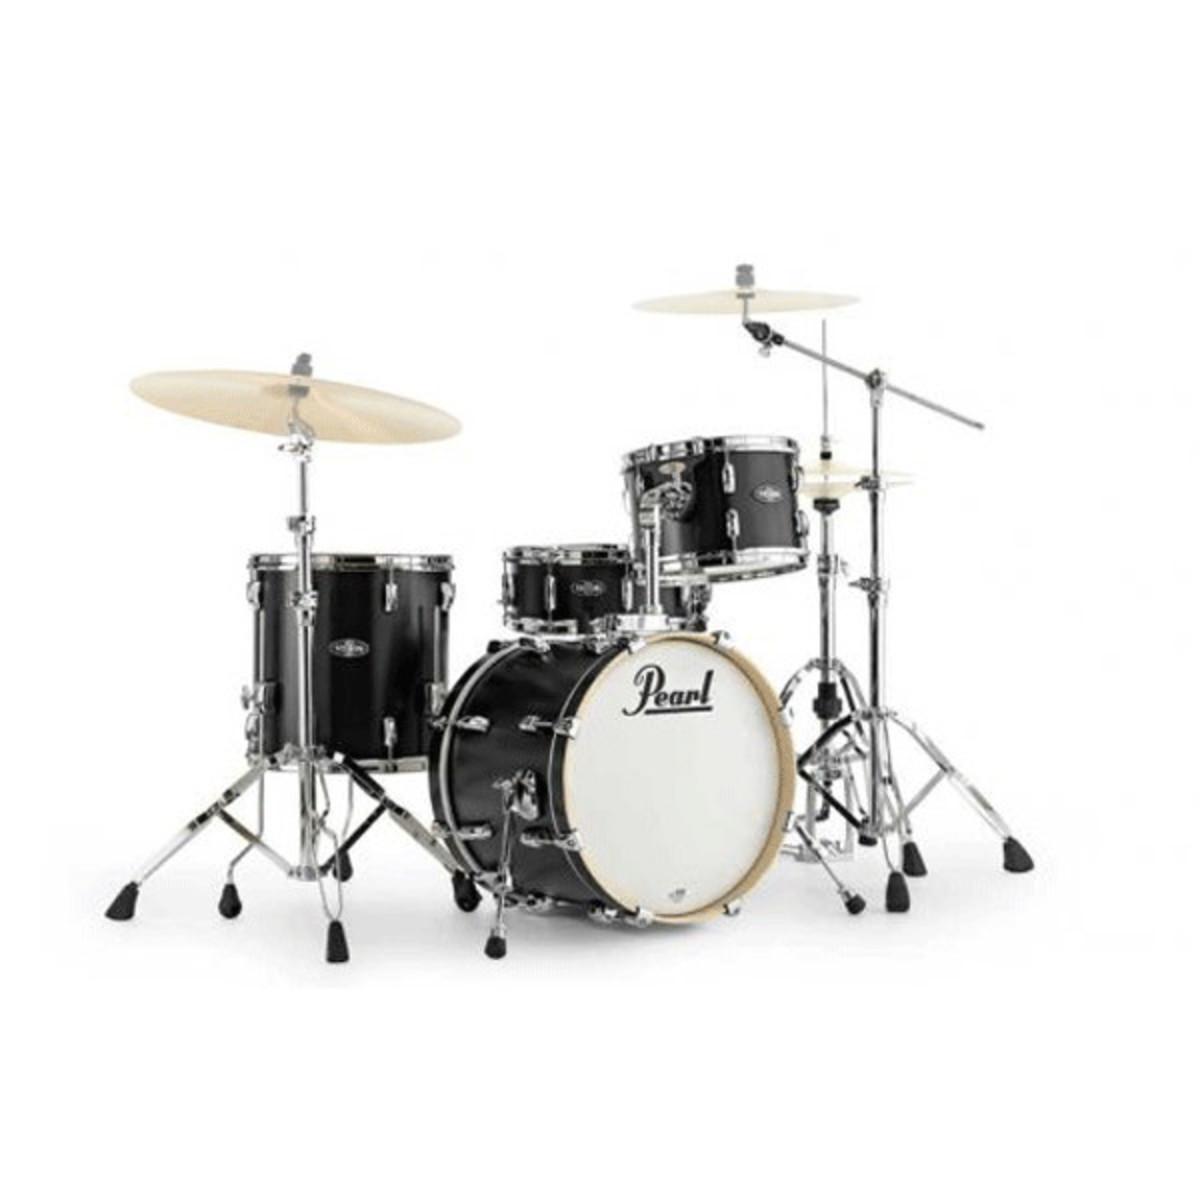 pearl vision vbl bop kit drum kit matte satin black at gear4music. Black Bedroom Furniture Sets. Home Design Ideas